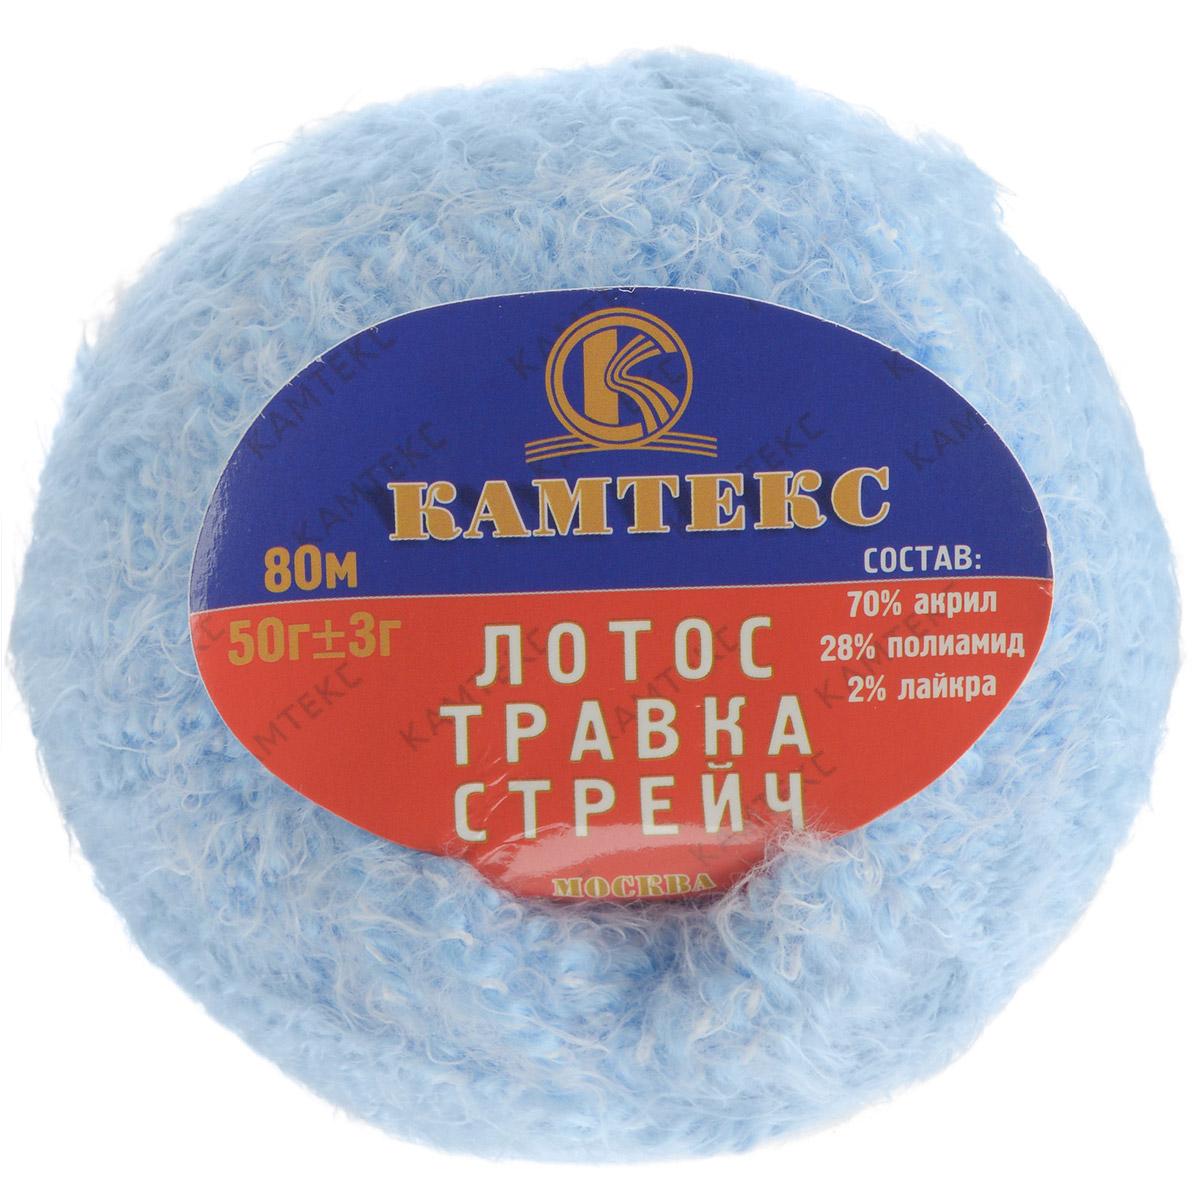 Пряжа для вязания Камтекс Лотос травка стрейч, цвет: голубой (015), 80 м, 50 г, 10 шт136081_015Пряжа для вязания Камтекс Лотос травка стрейч имеет интересный и необычный состав: 70% акрил, 28% полиамид, 2% лайкра. Акрил отвечает за мягкость, полиамид за прочность и формоустойчивость, а лайкра делает полотно необыкновенно эластичным. Эта волшебная плюшевая ниточка удивляет своей мягкостью, вяжется очень просто и быстро, ворсинки не путаются. Из этой пряжи получатся замечательные мягкие игрушки, которые будут, не только приятны, но и абсолютно безопасны для маленьких детей. А яркие и сочные оттенки подарят ребенку радость и хорошее настроение.